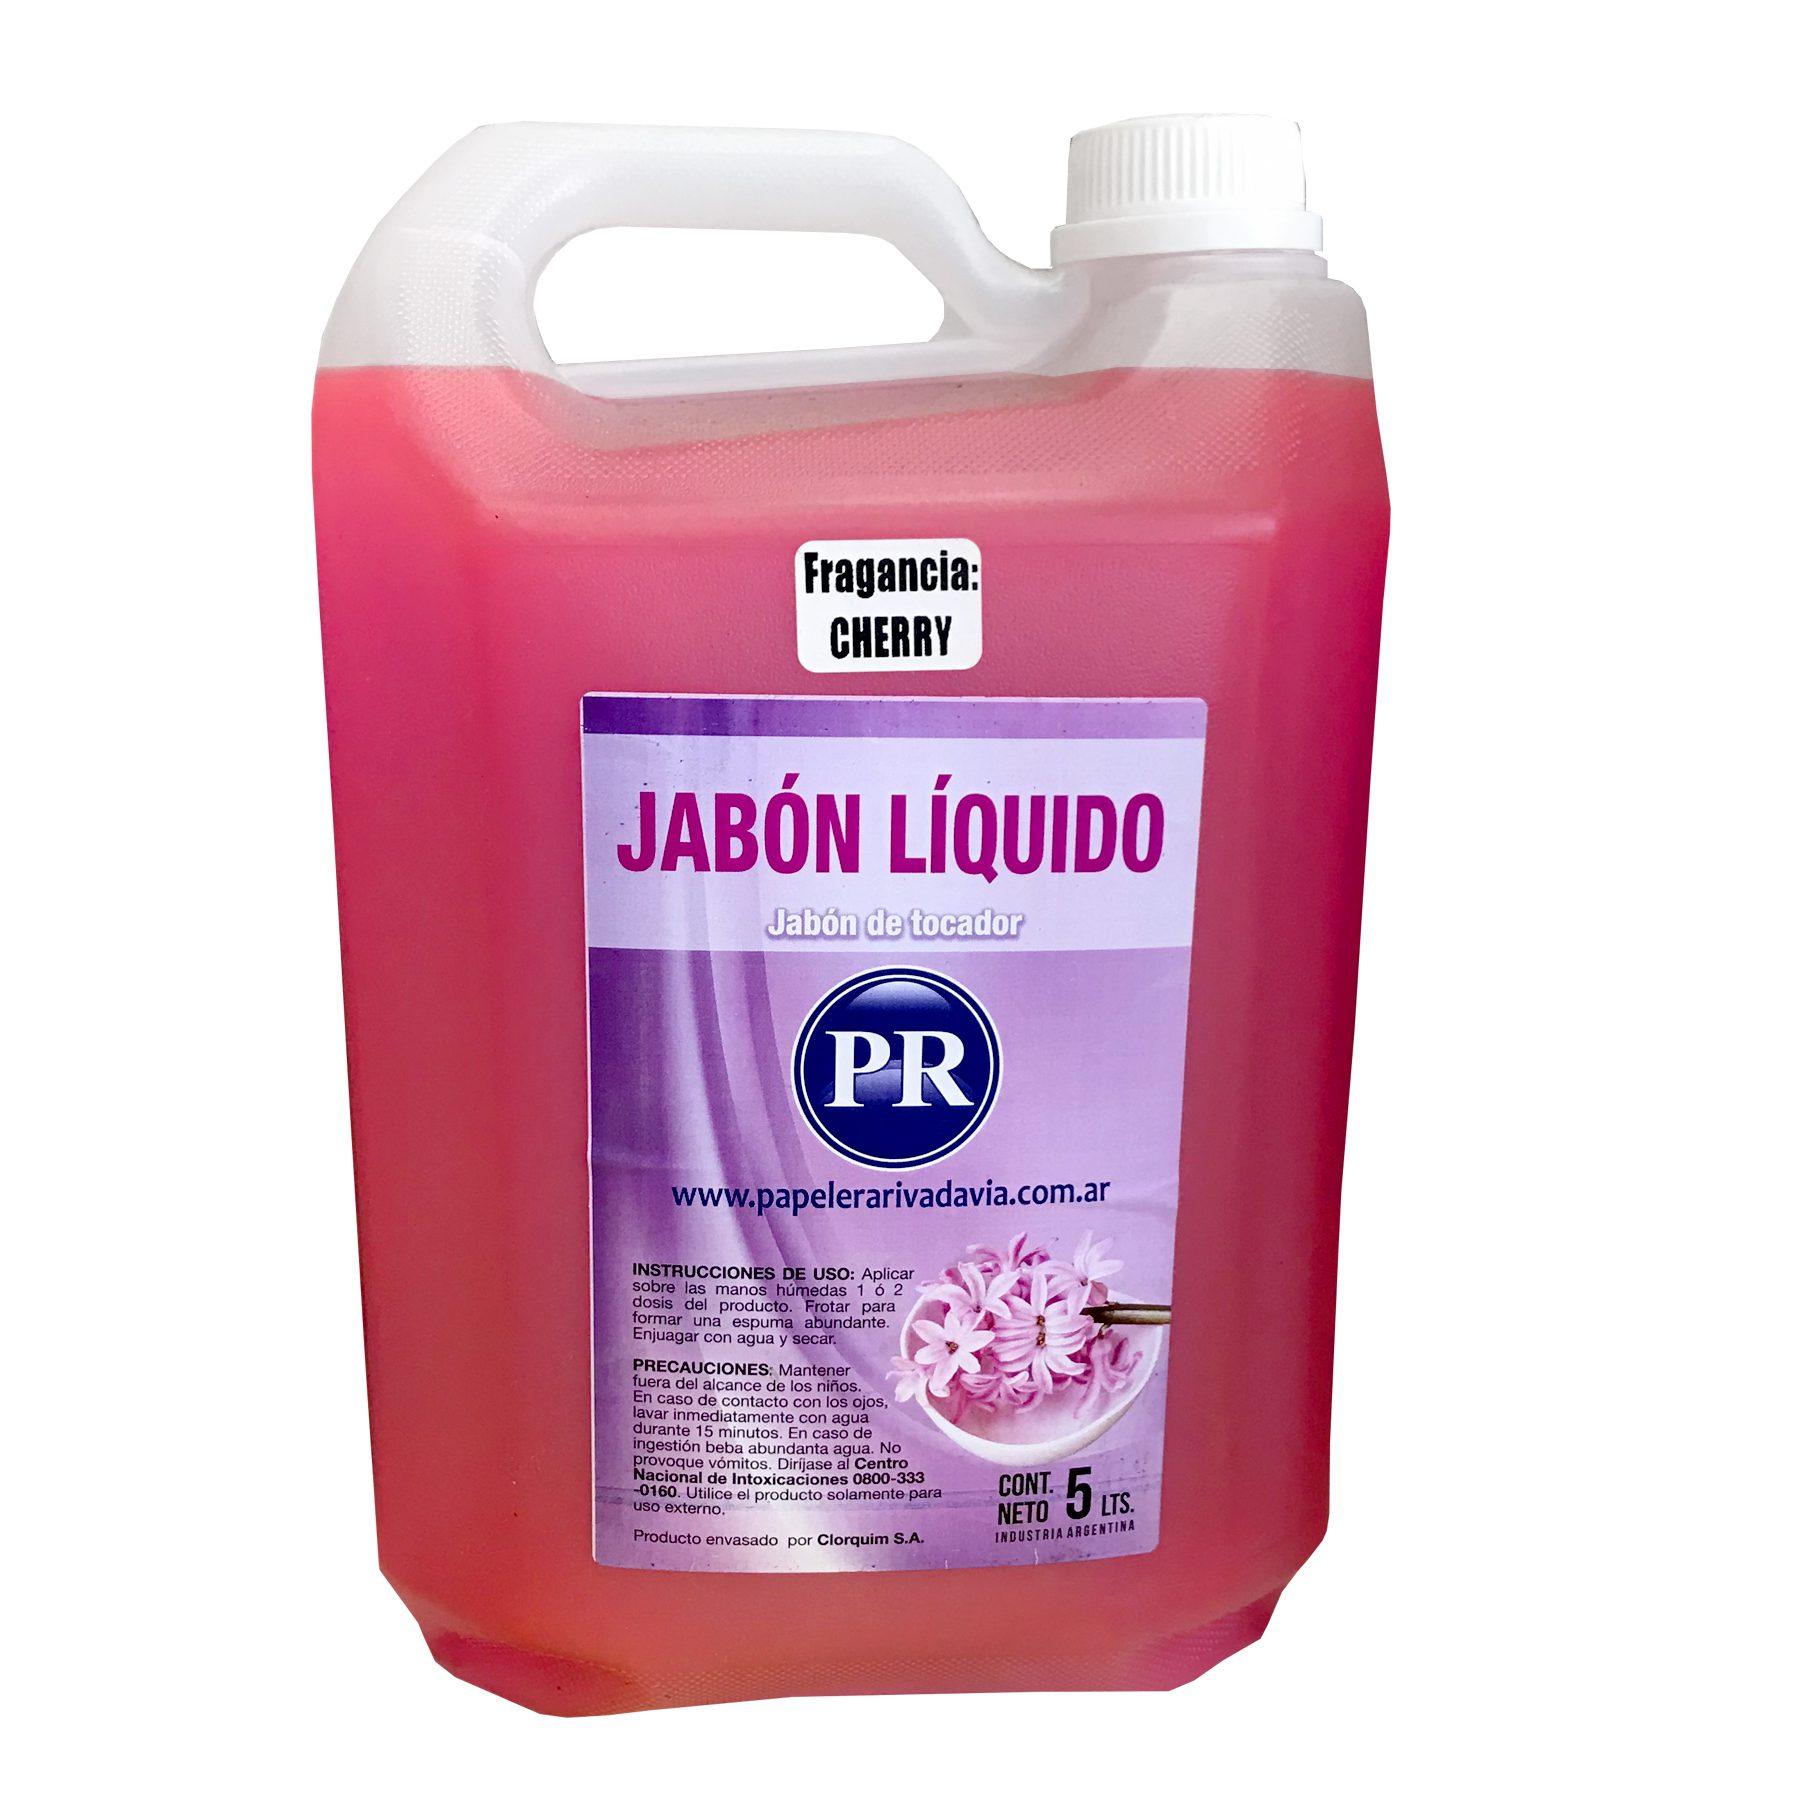 JABON LIQUIDO DE TOCADOR BIDON DE 5 LITROS